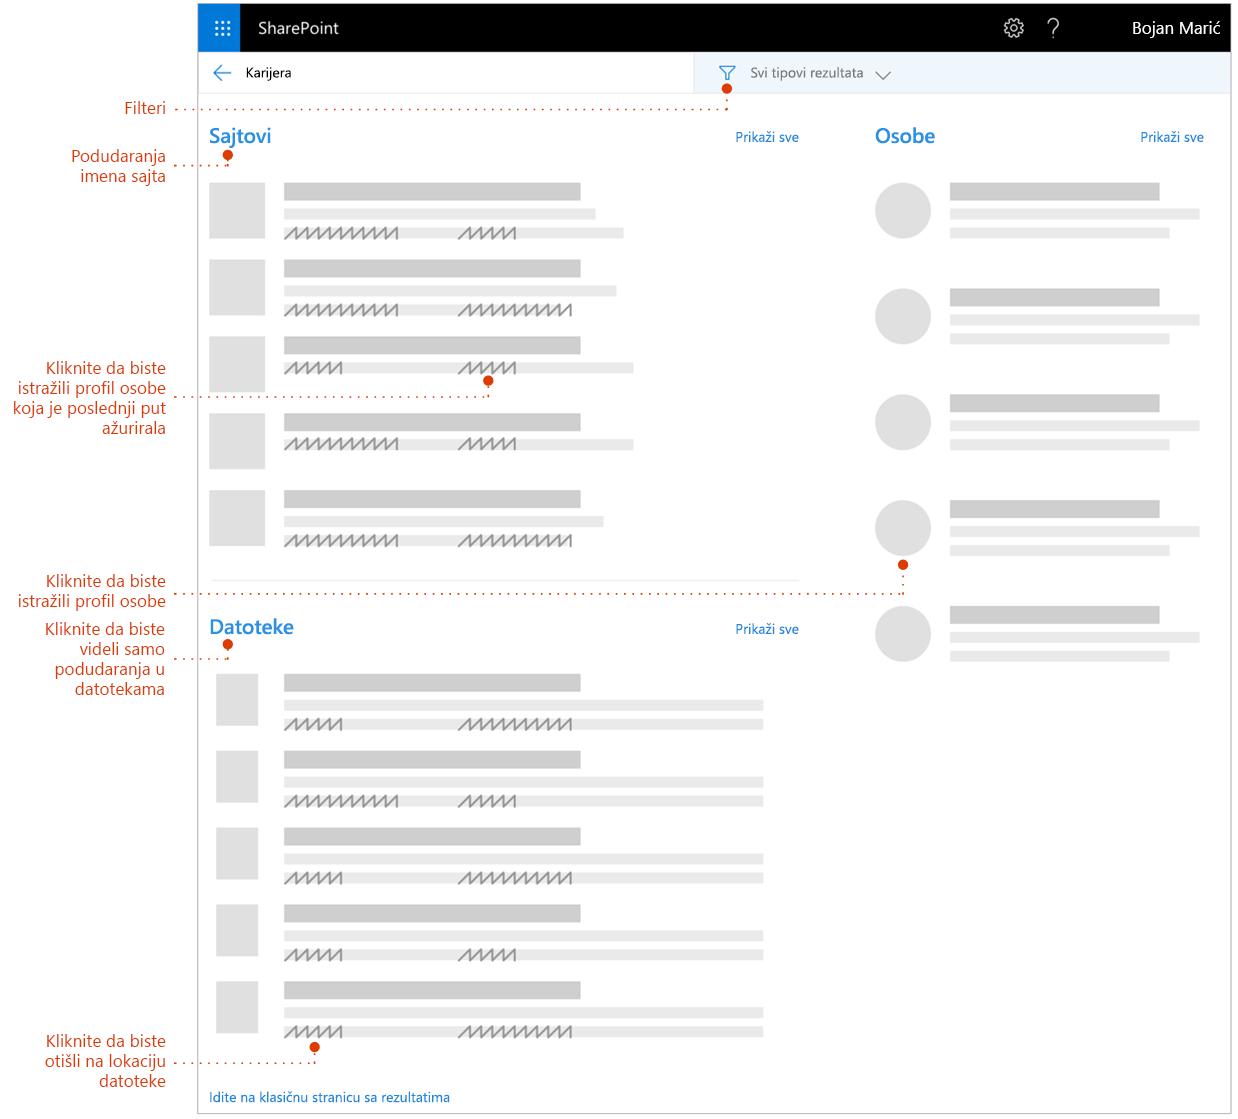 Snimak rezultata pretrage stranice pomoću pokazivača za elemente za istraživanje.